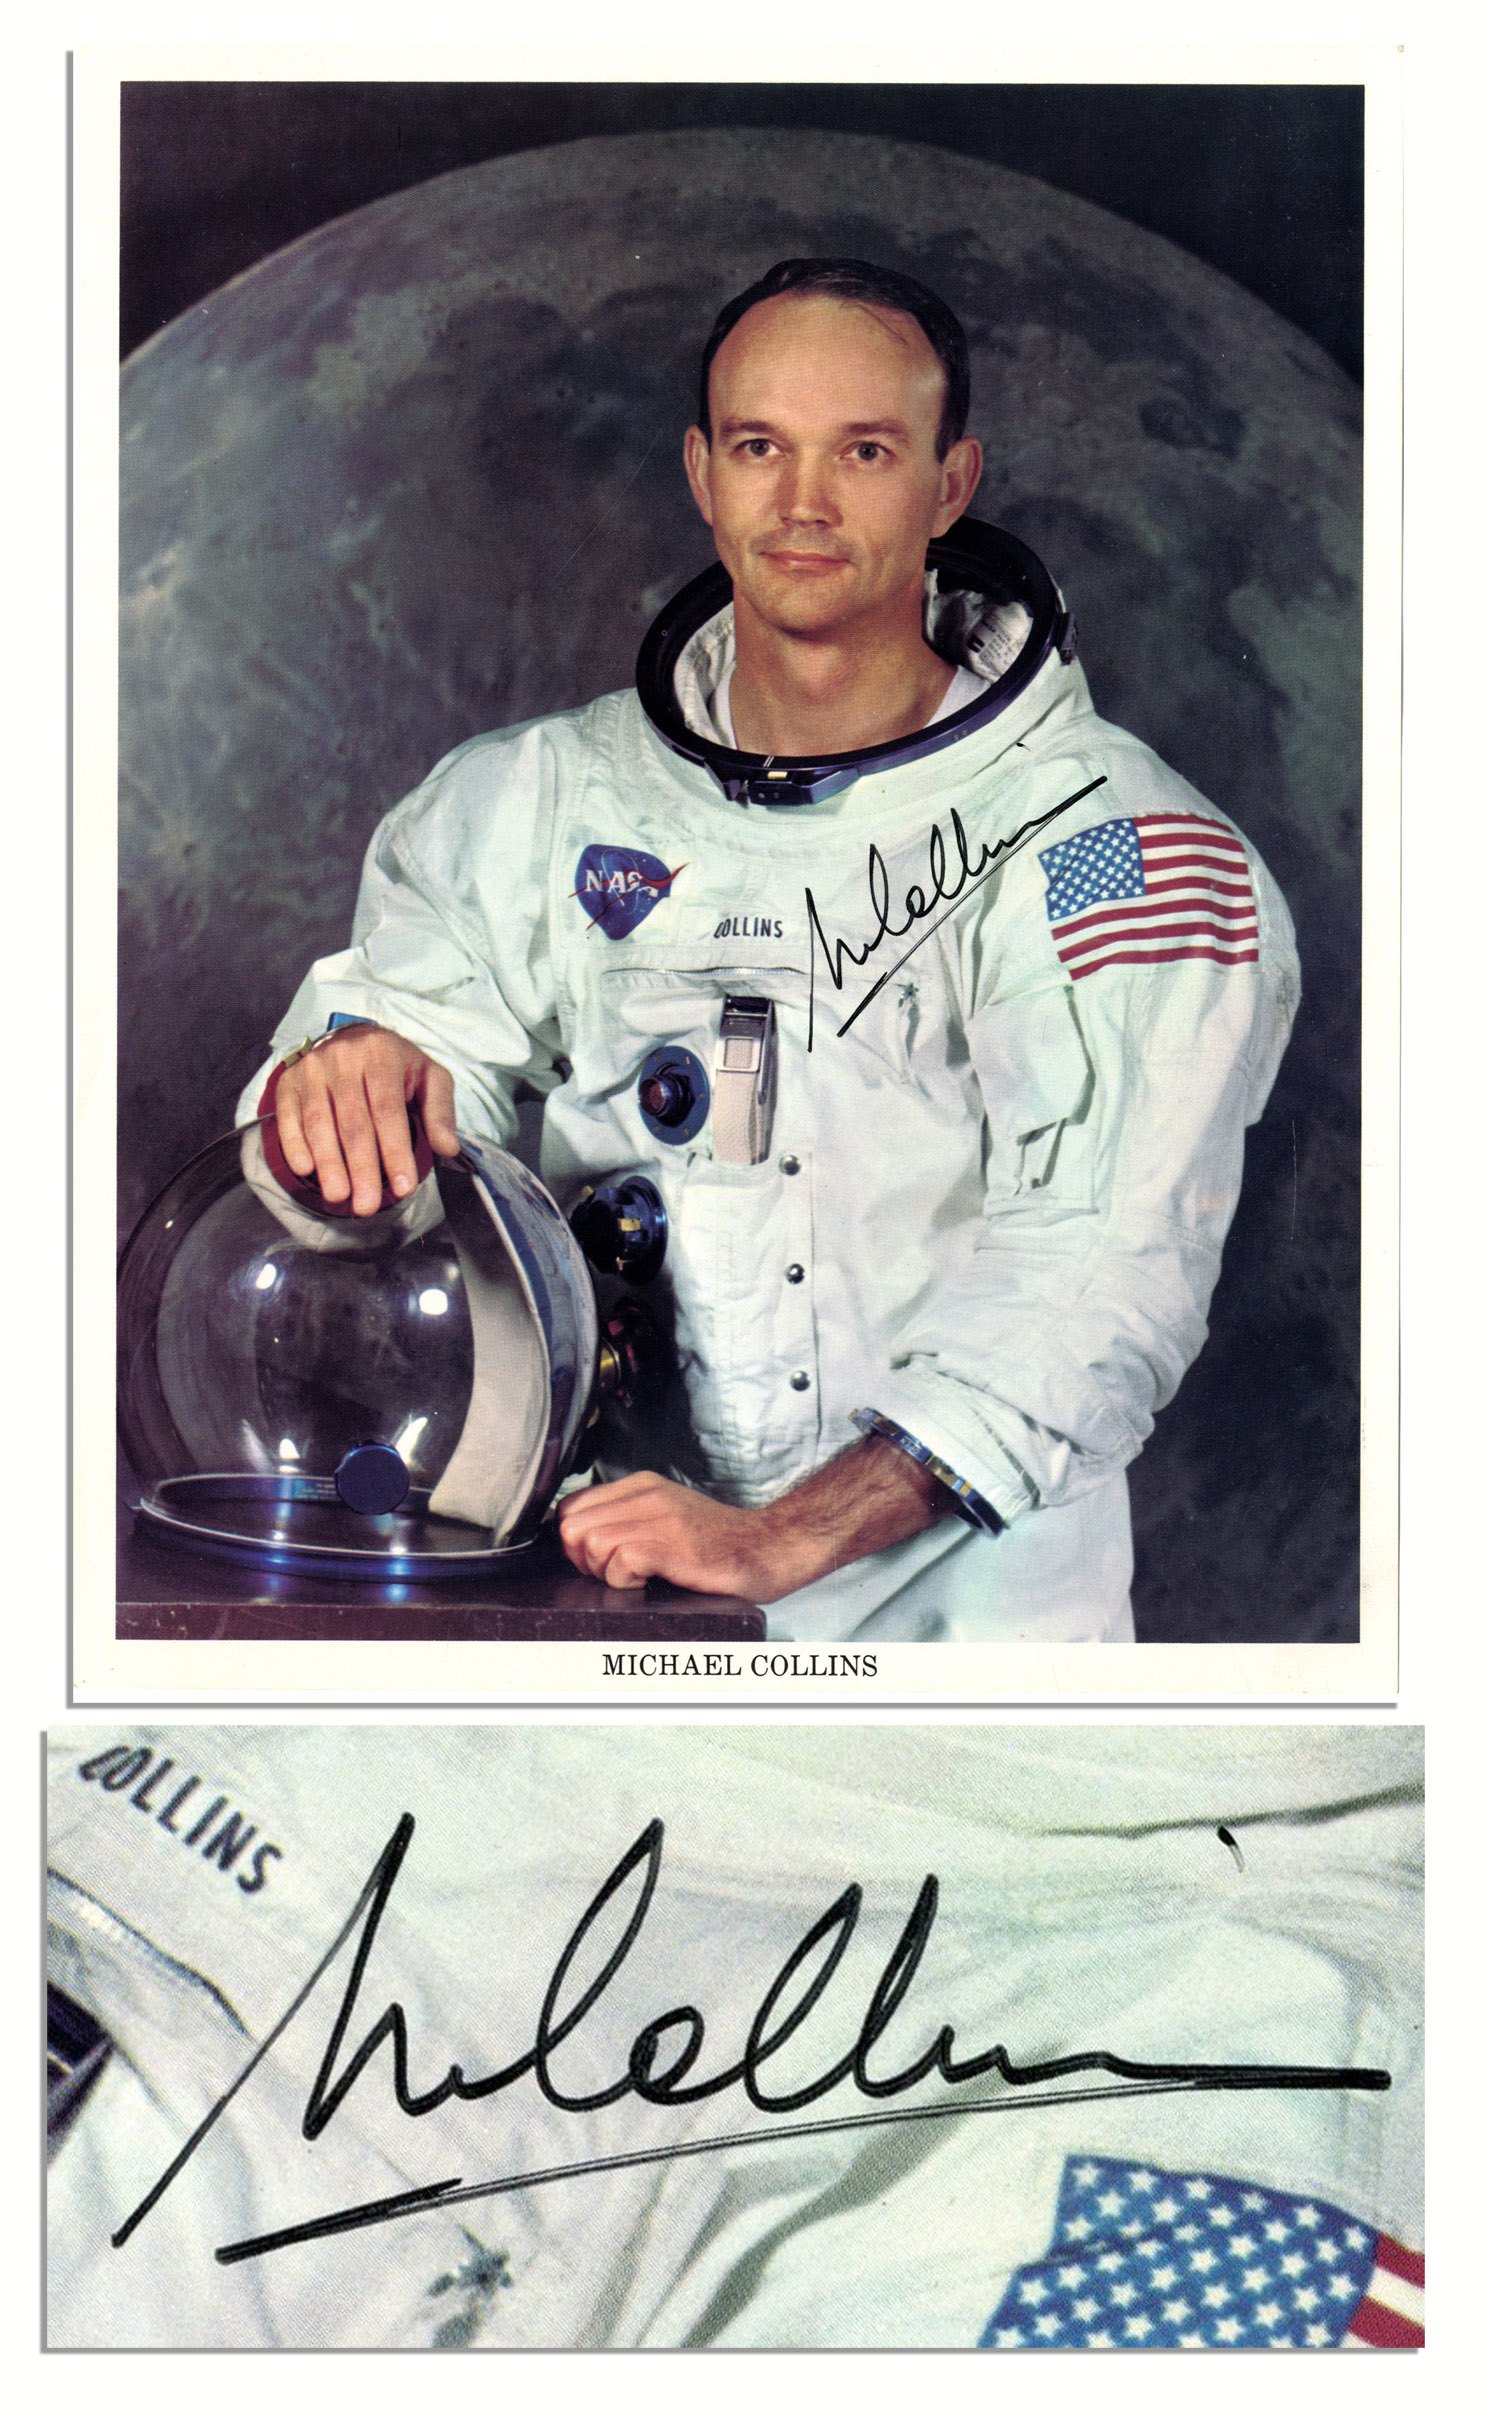 michael collins astronaut death - photo #13